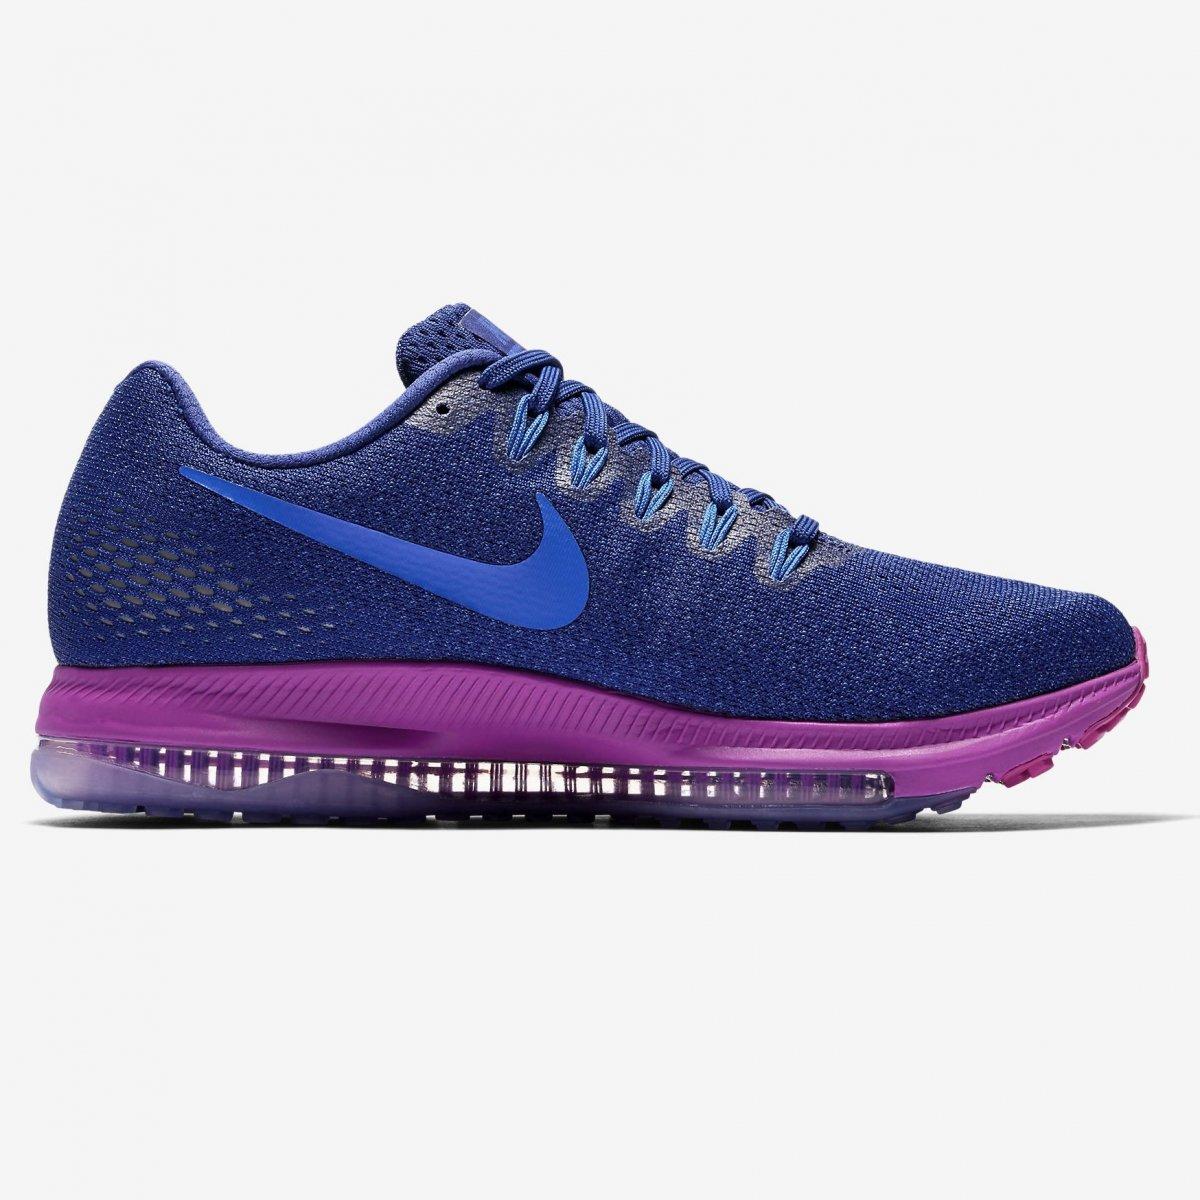 8e02c179e3 Tênis Nike Zoom All Out Low 878671-404 - Marinho Roxo - Calçados ...